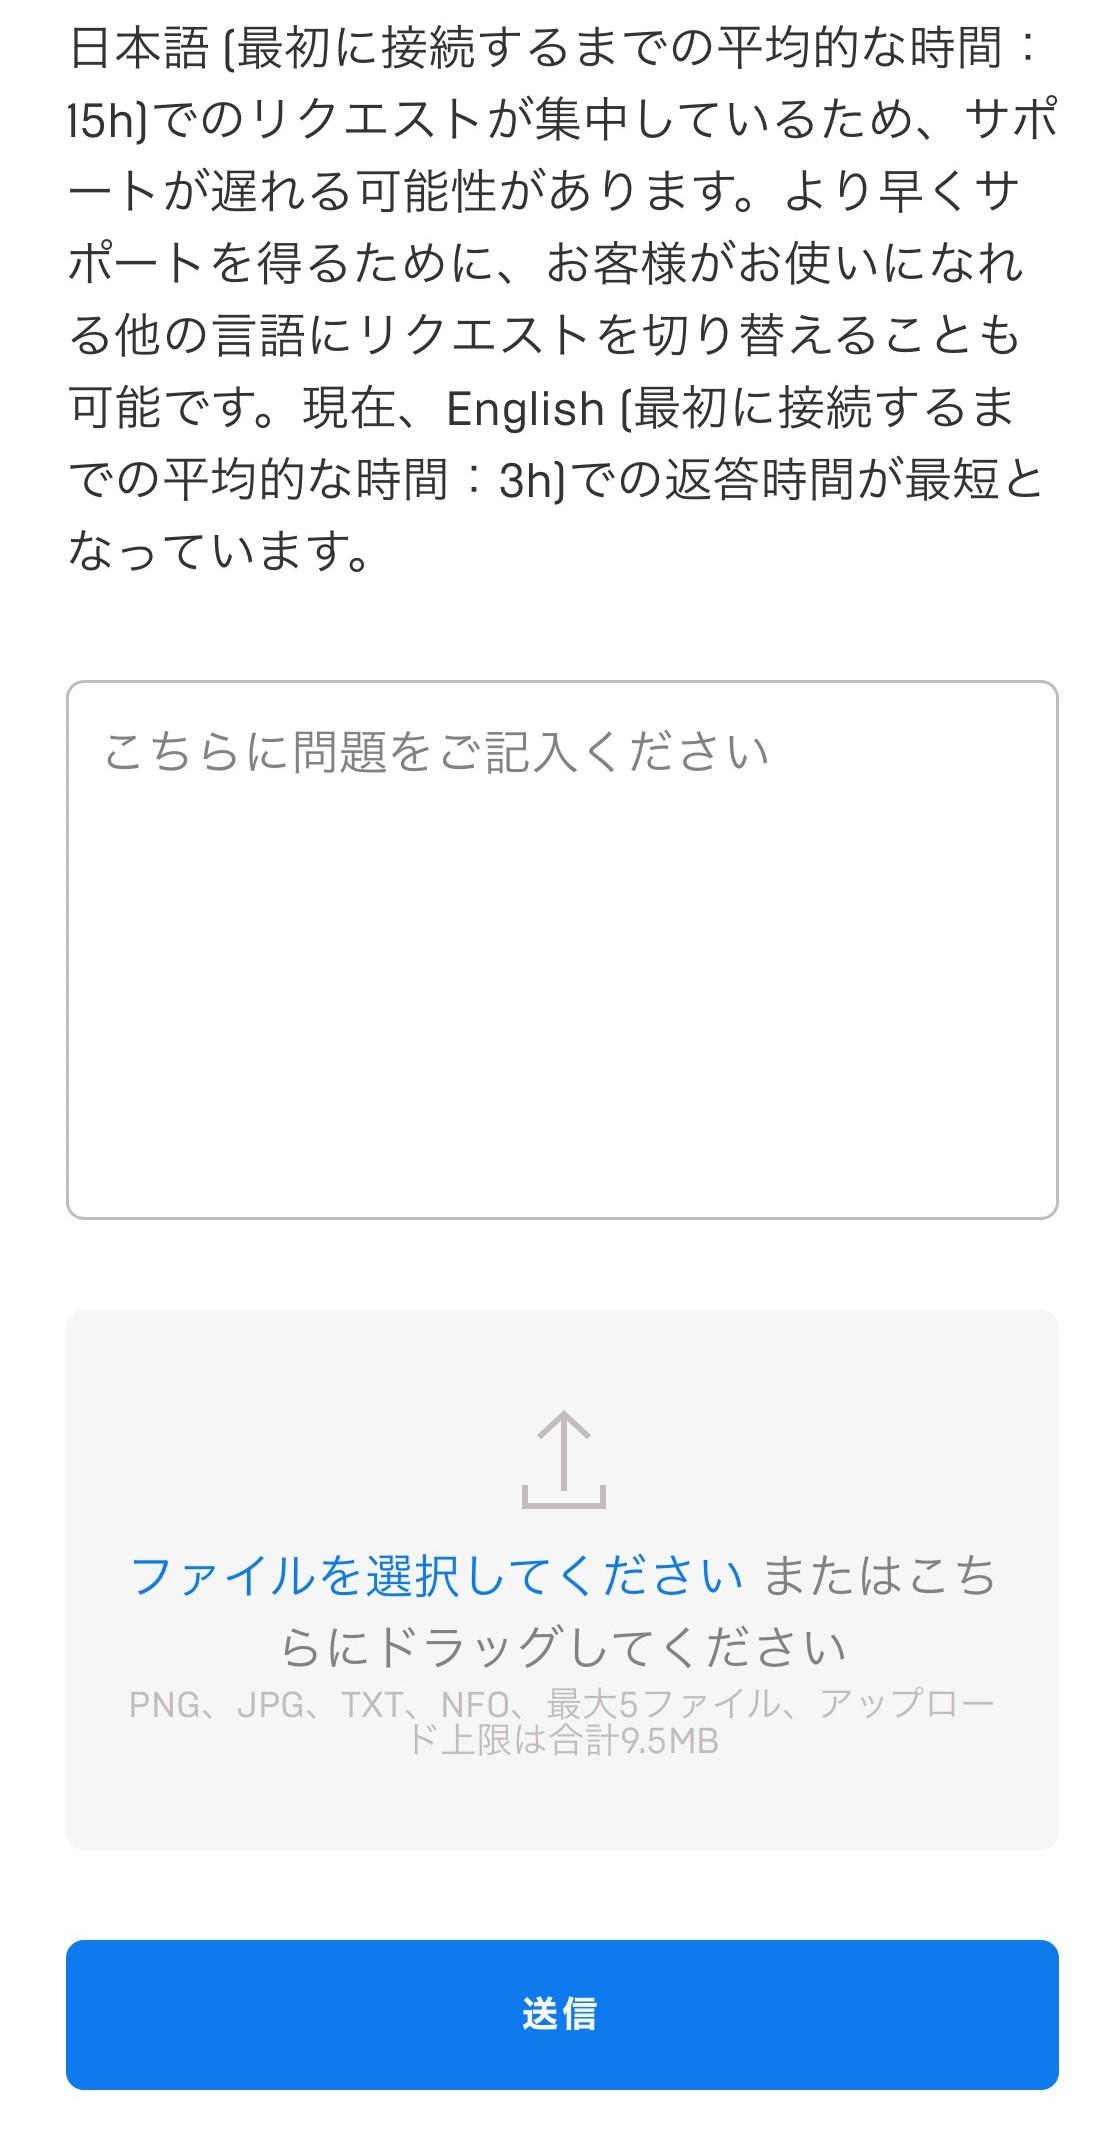 問い合わせ1